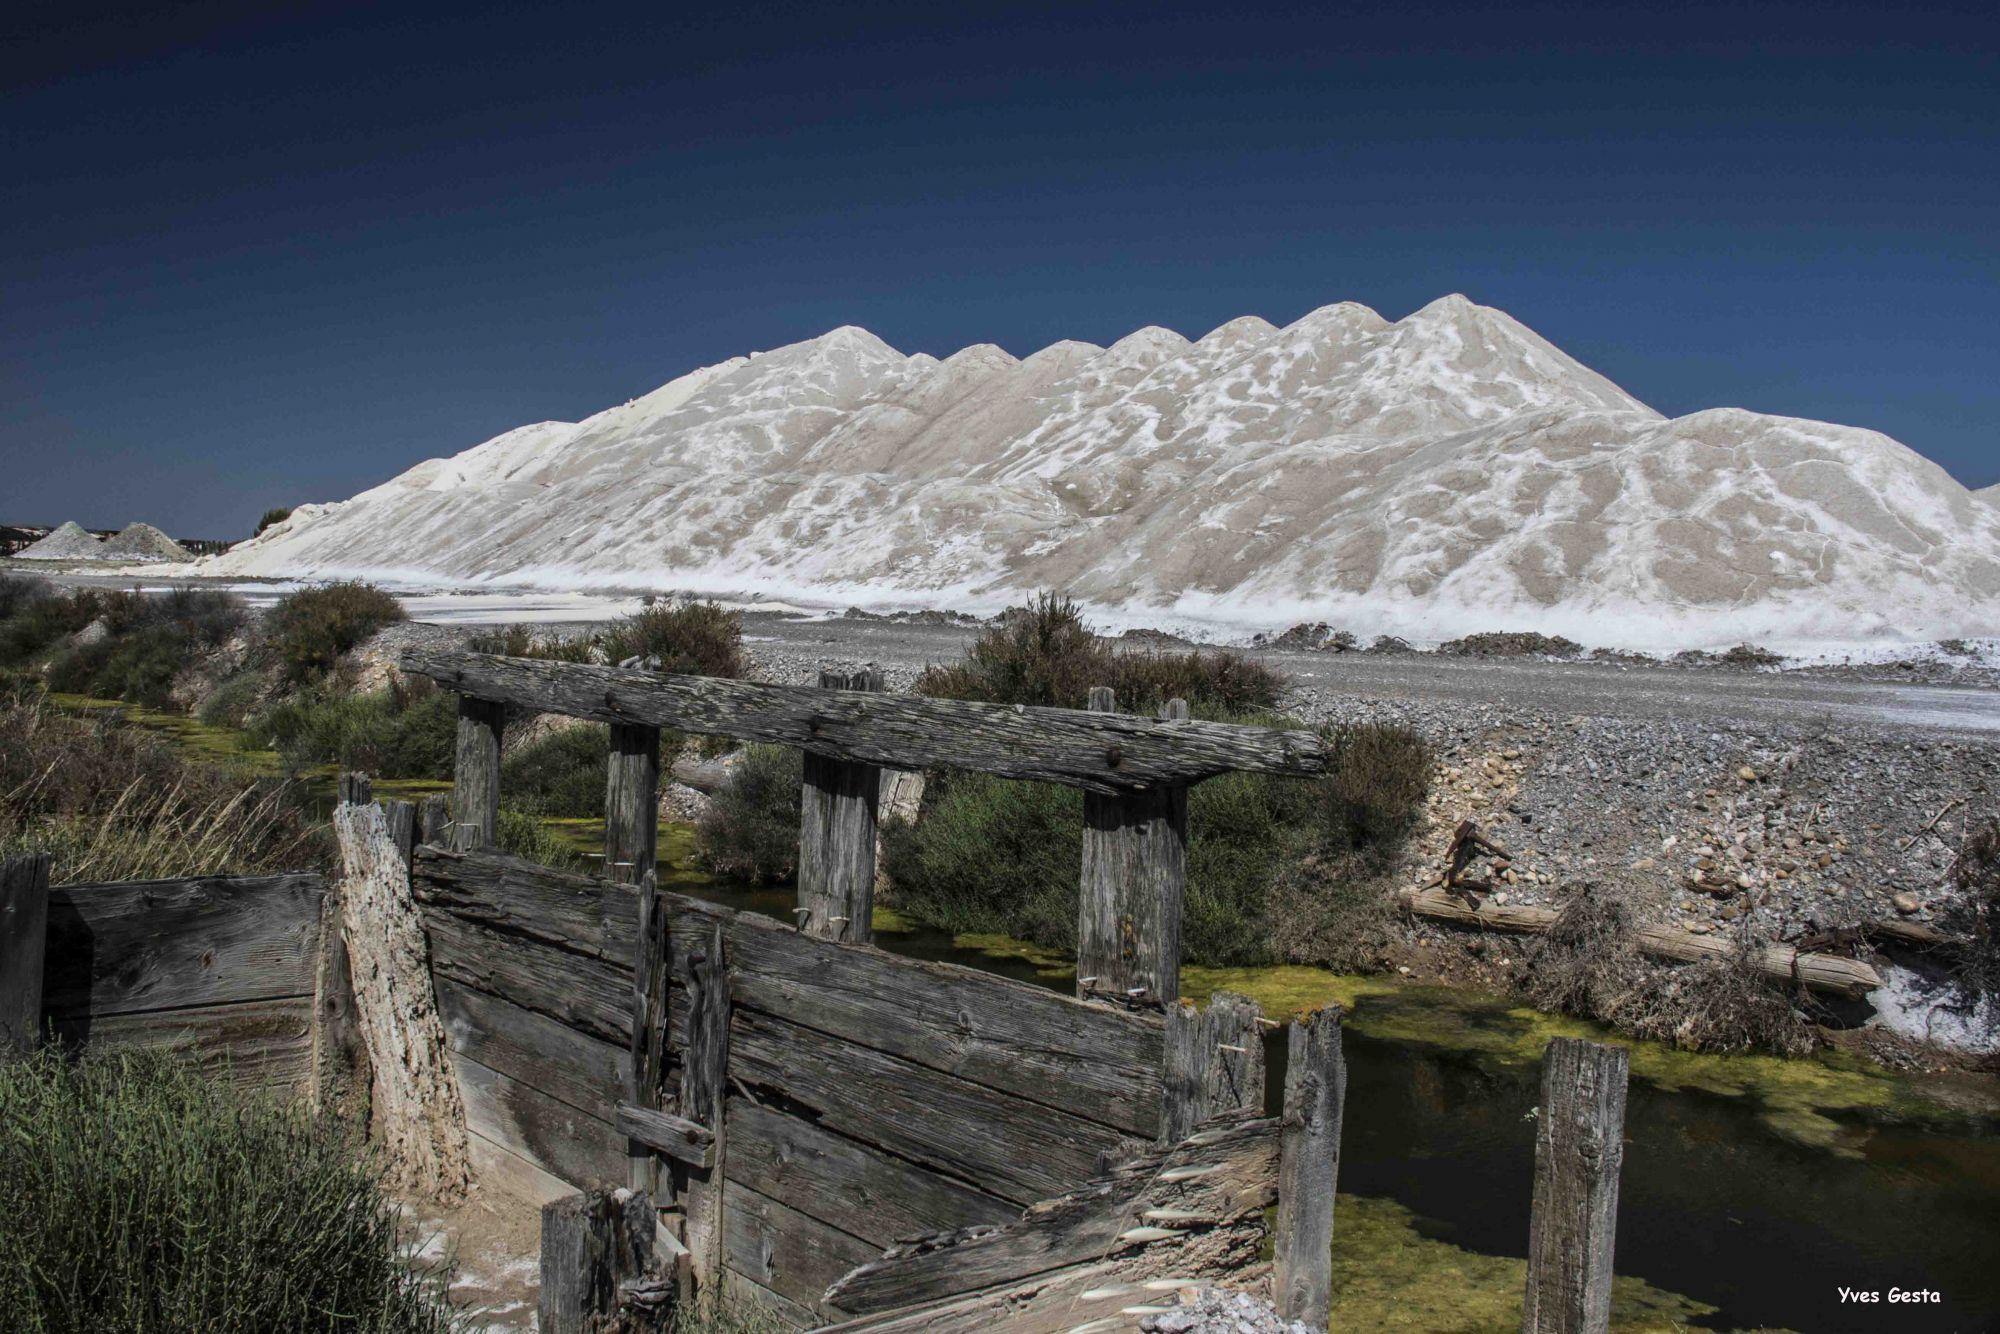 montagne-de-sel-gruissan